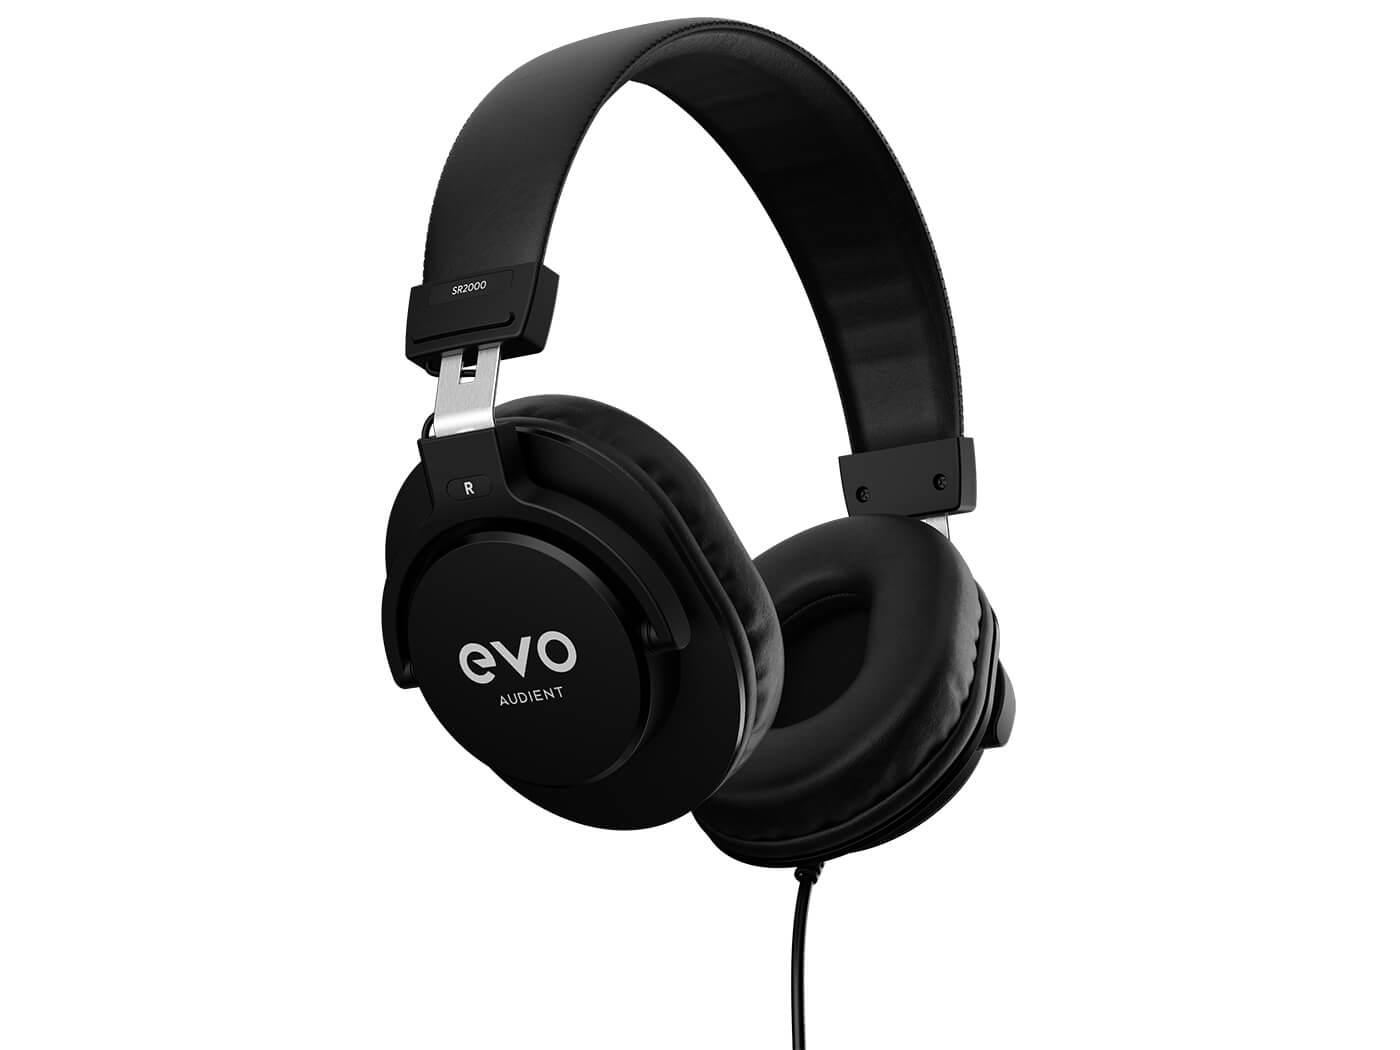 EVO by Audient Headphones